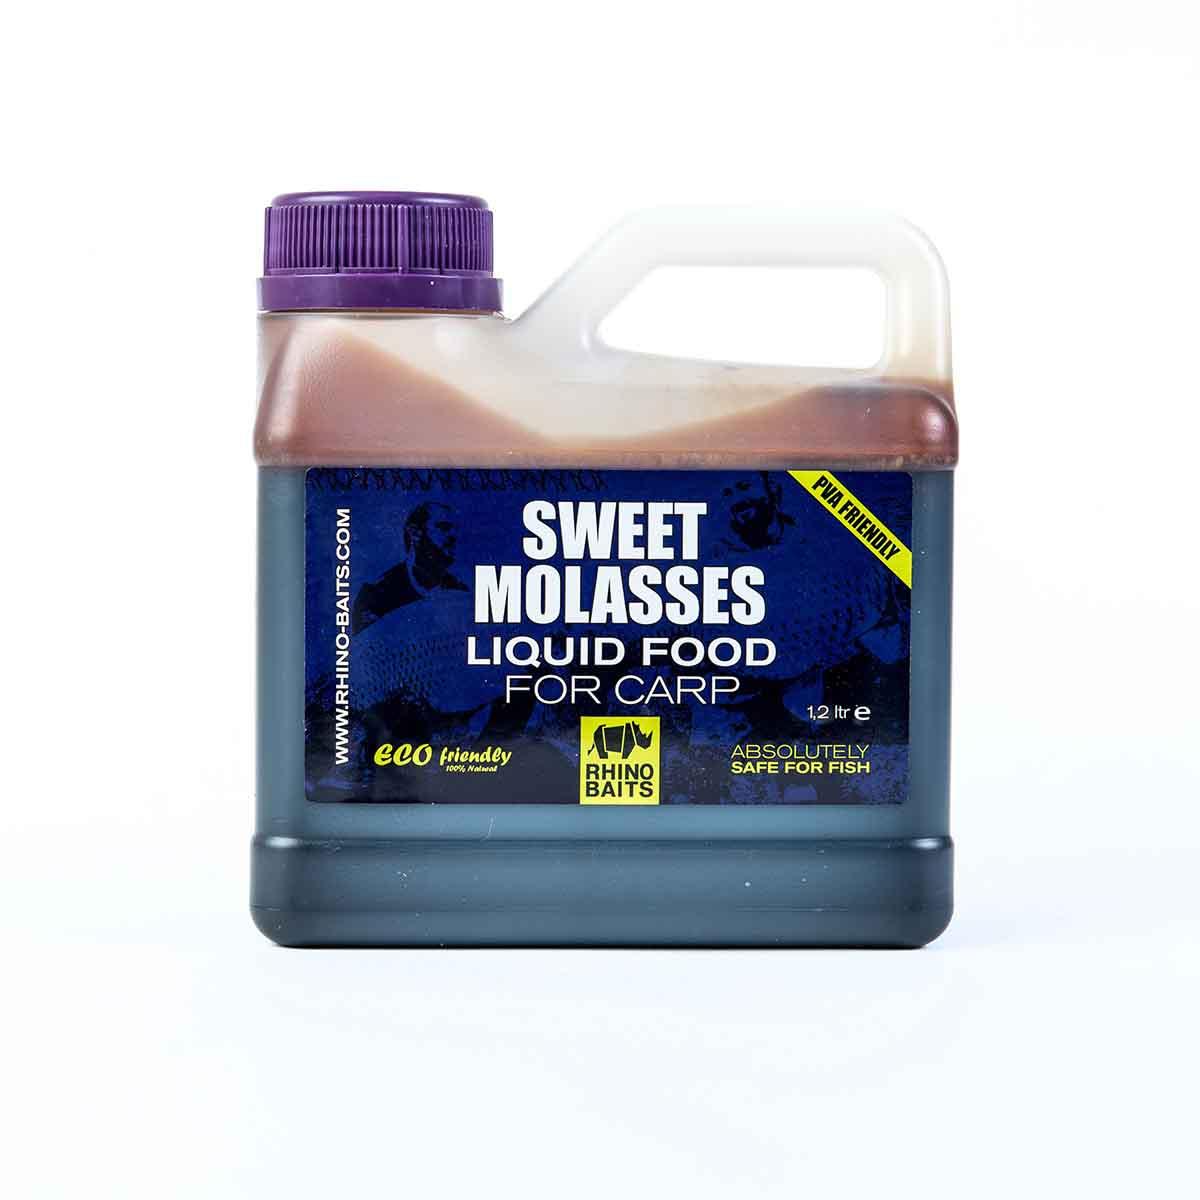 Жидкое питание для карповой ловли Sweet Molasses (канистра 1.2 л)